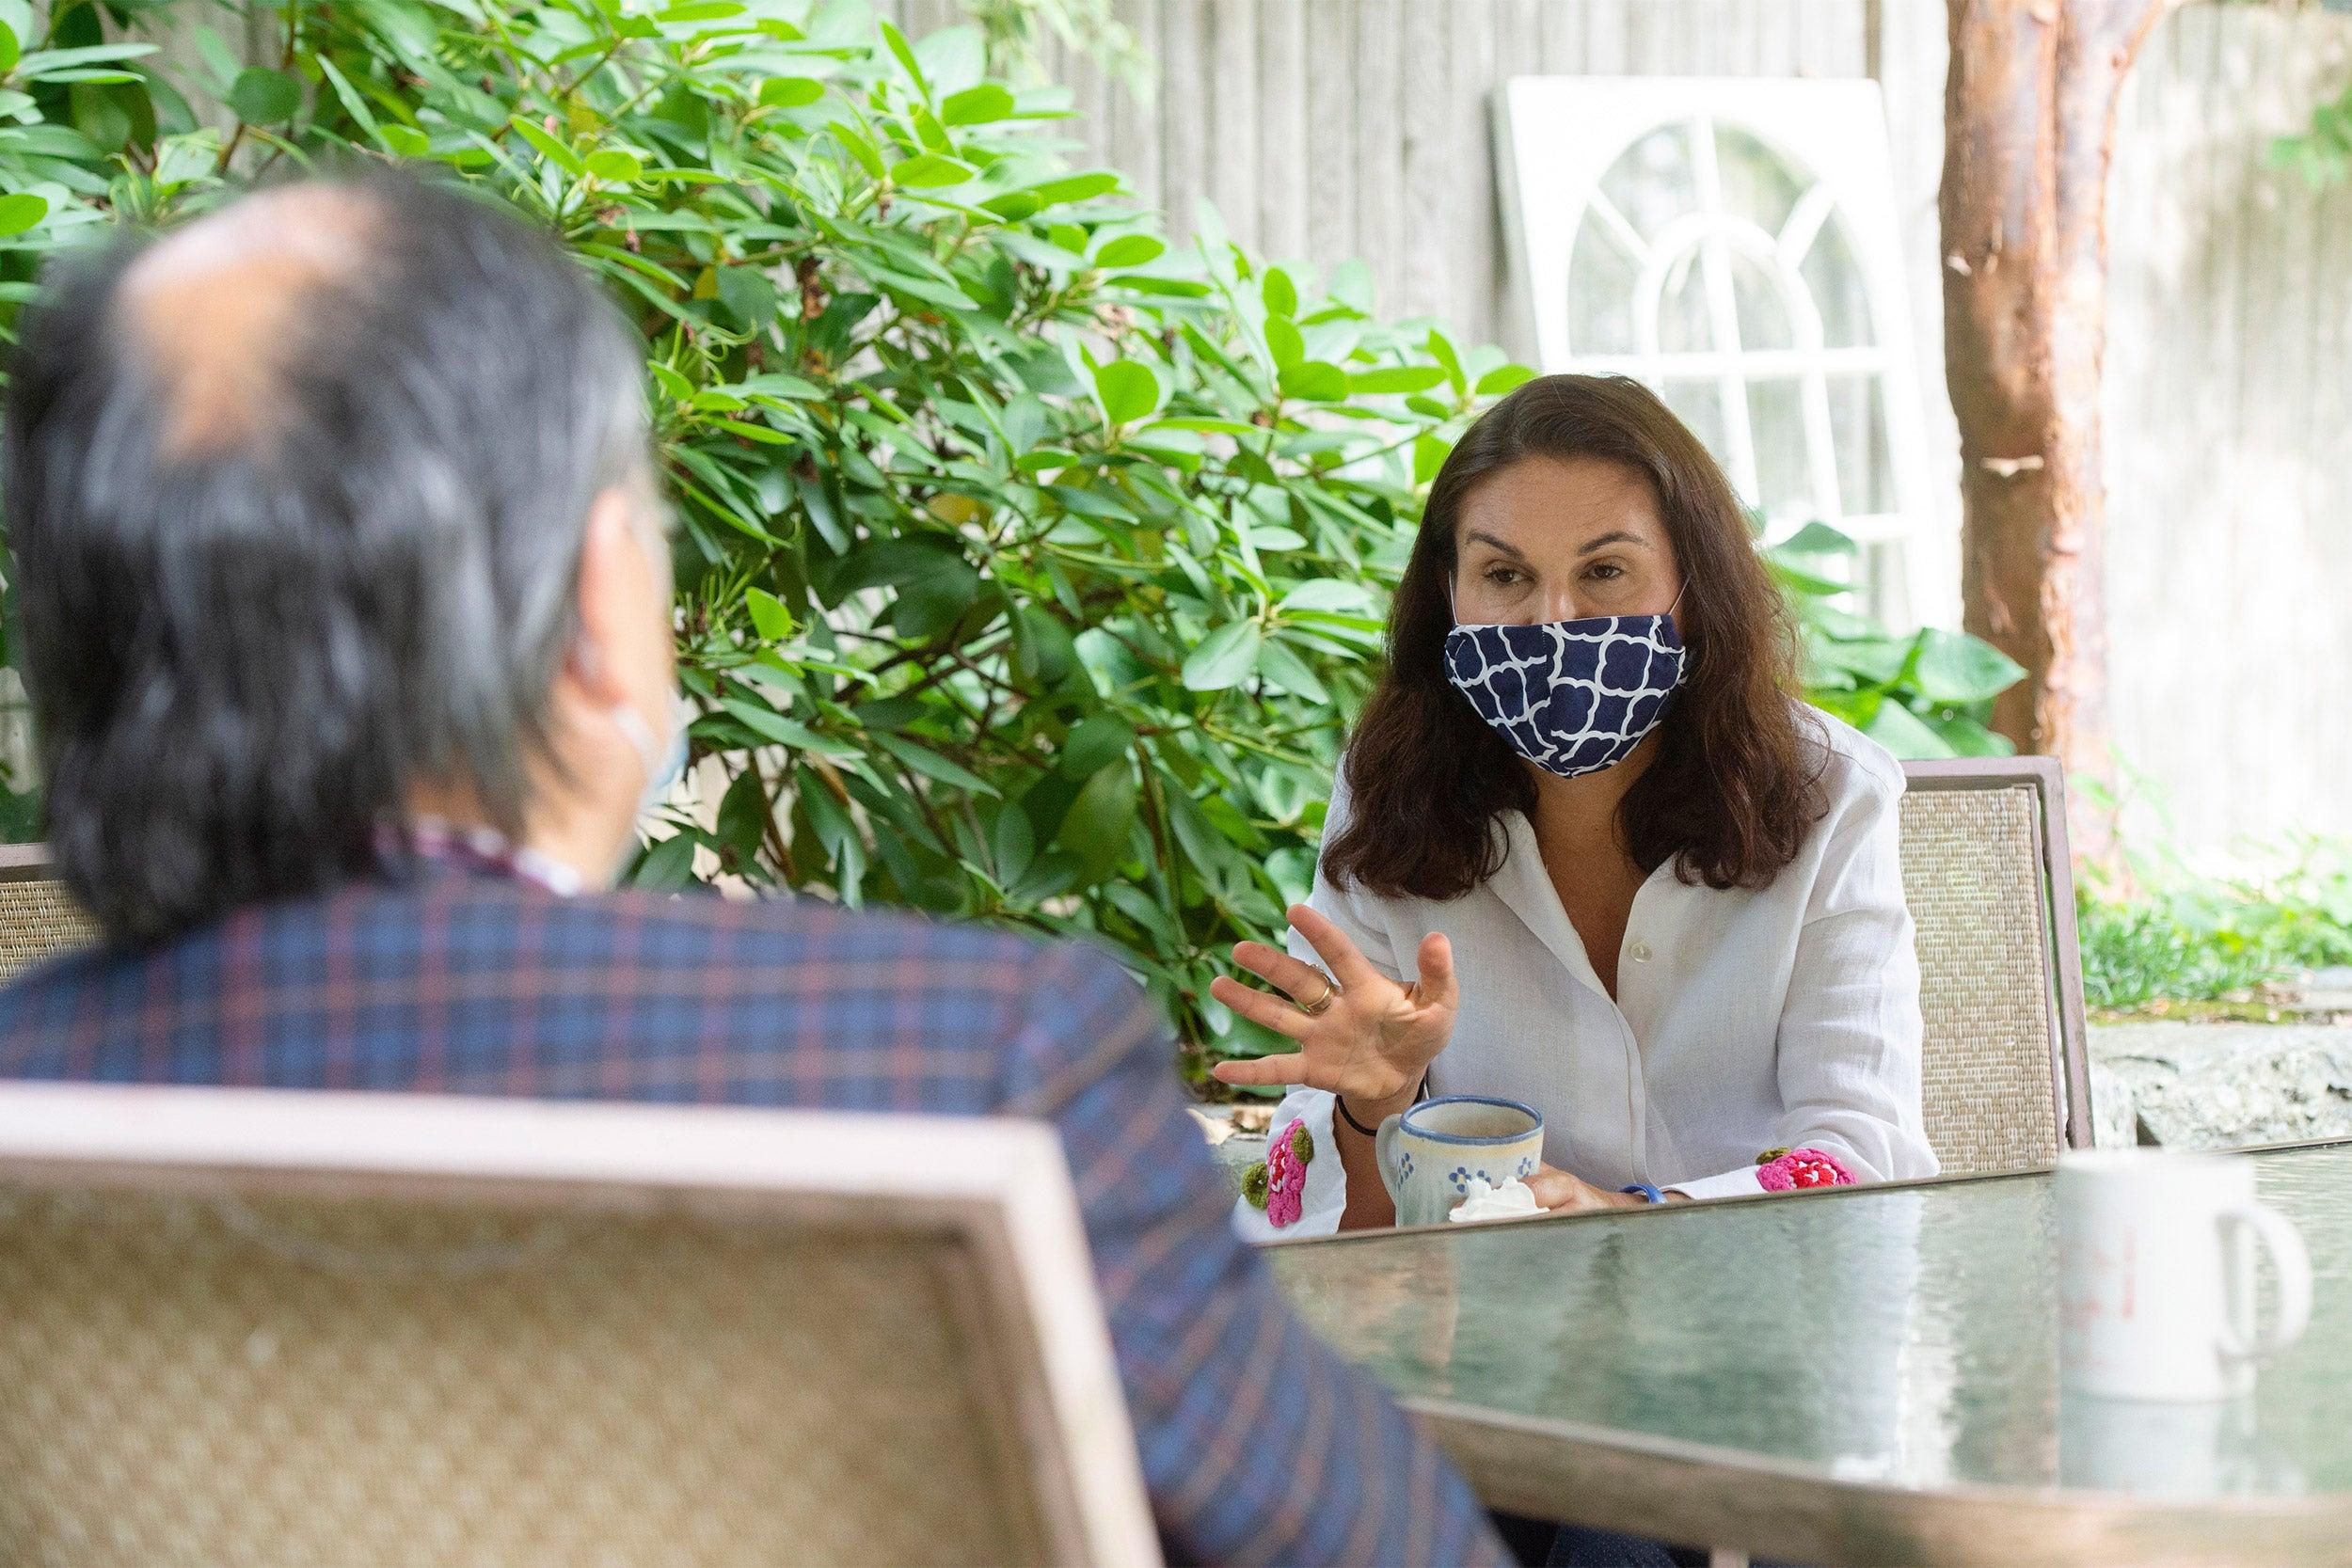 Xiao-Li Meng and Francesca Dominici.